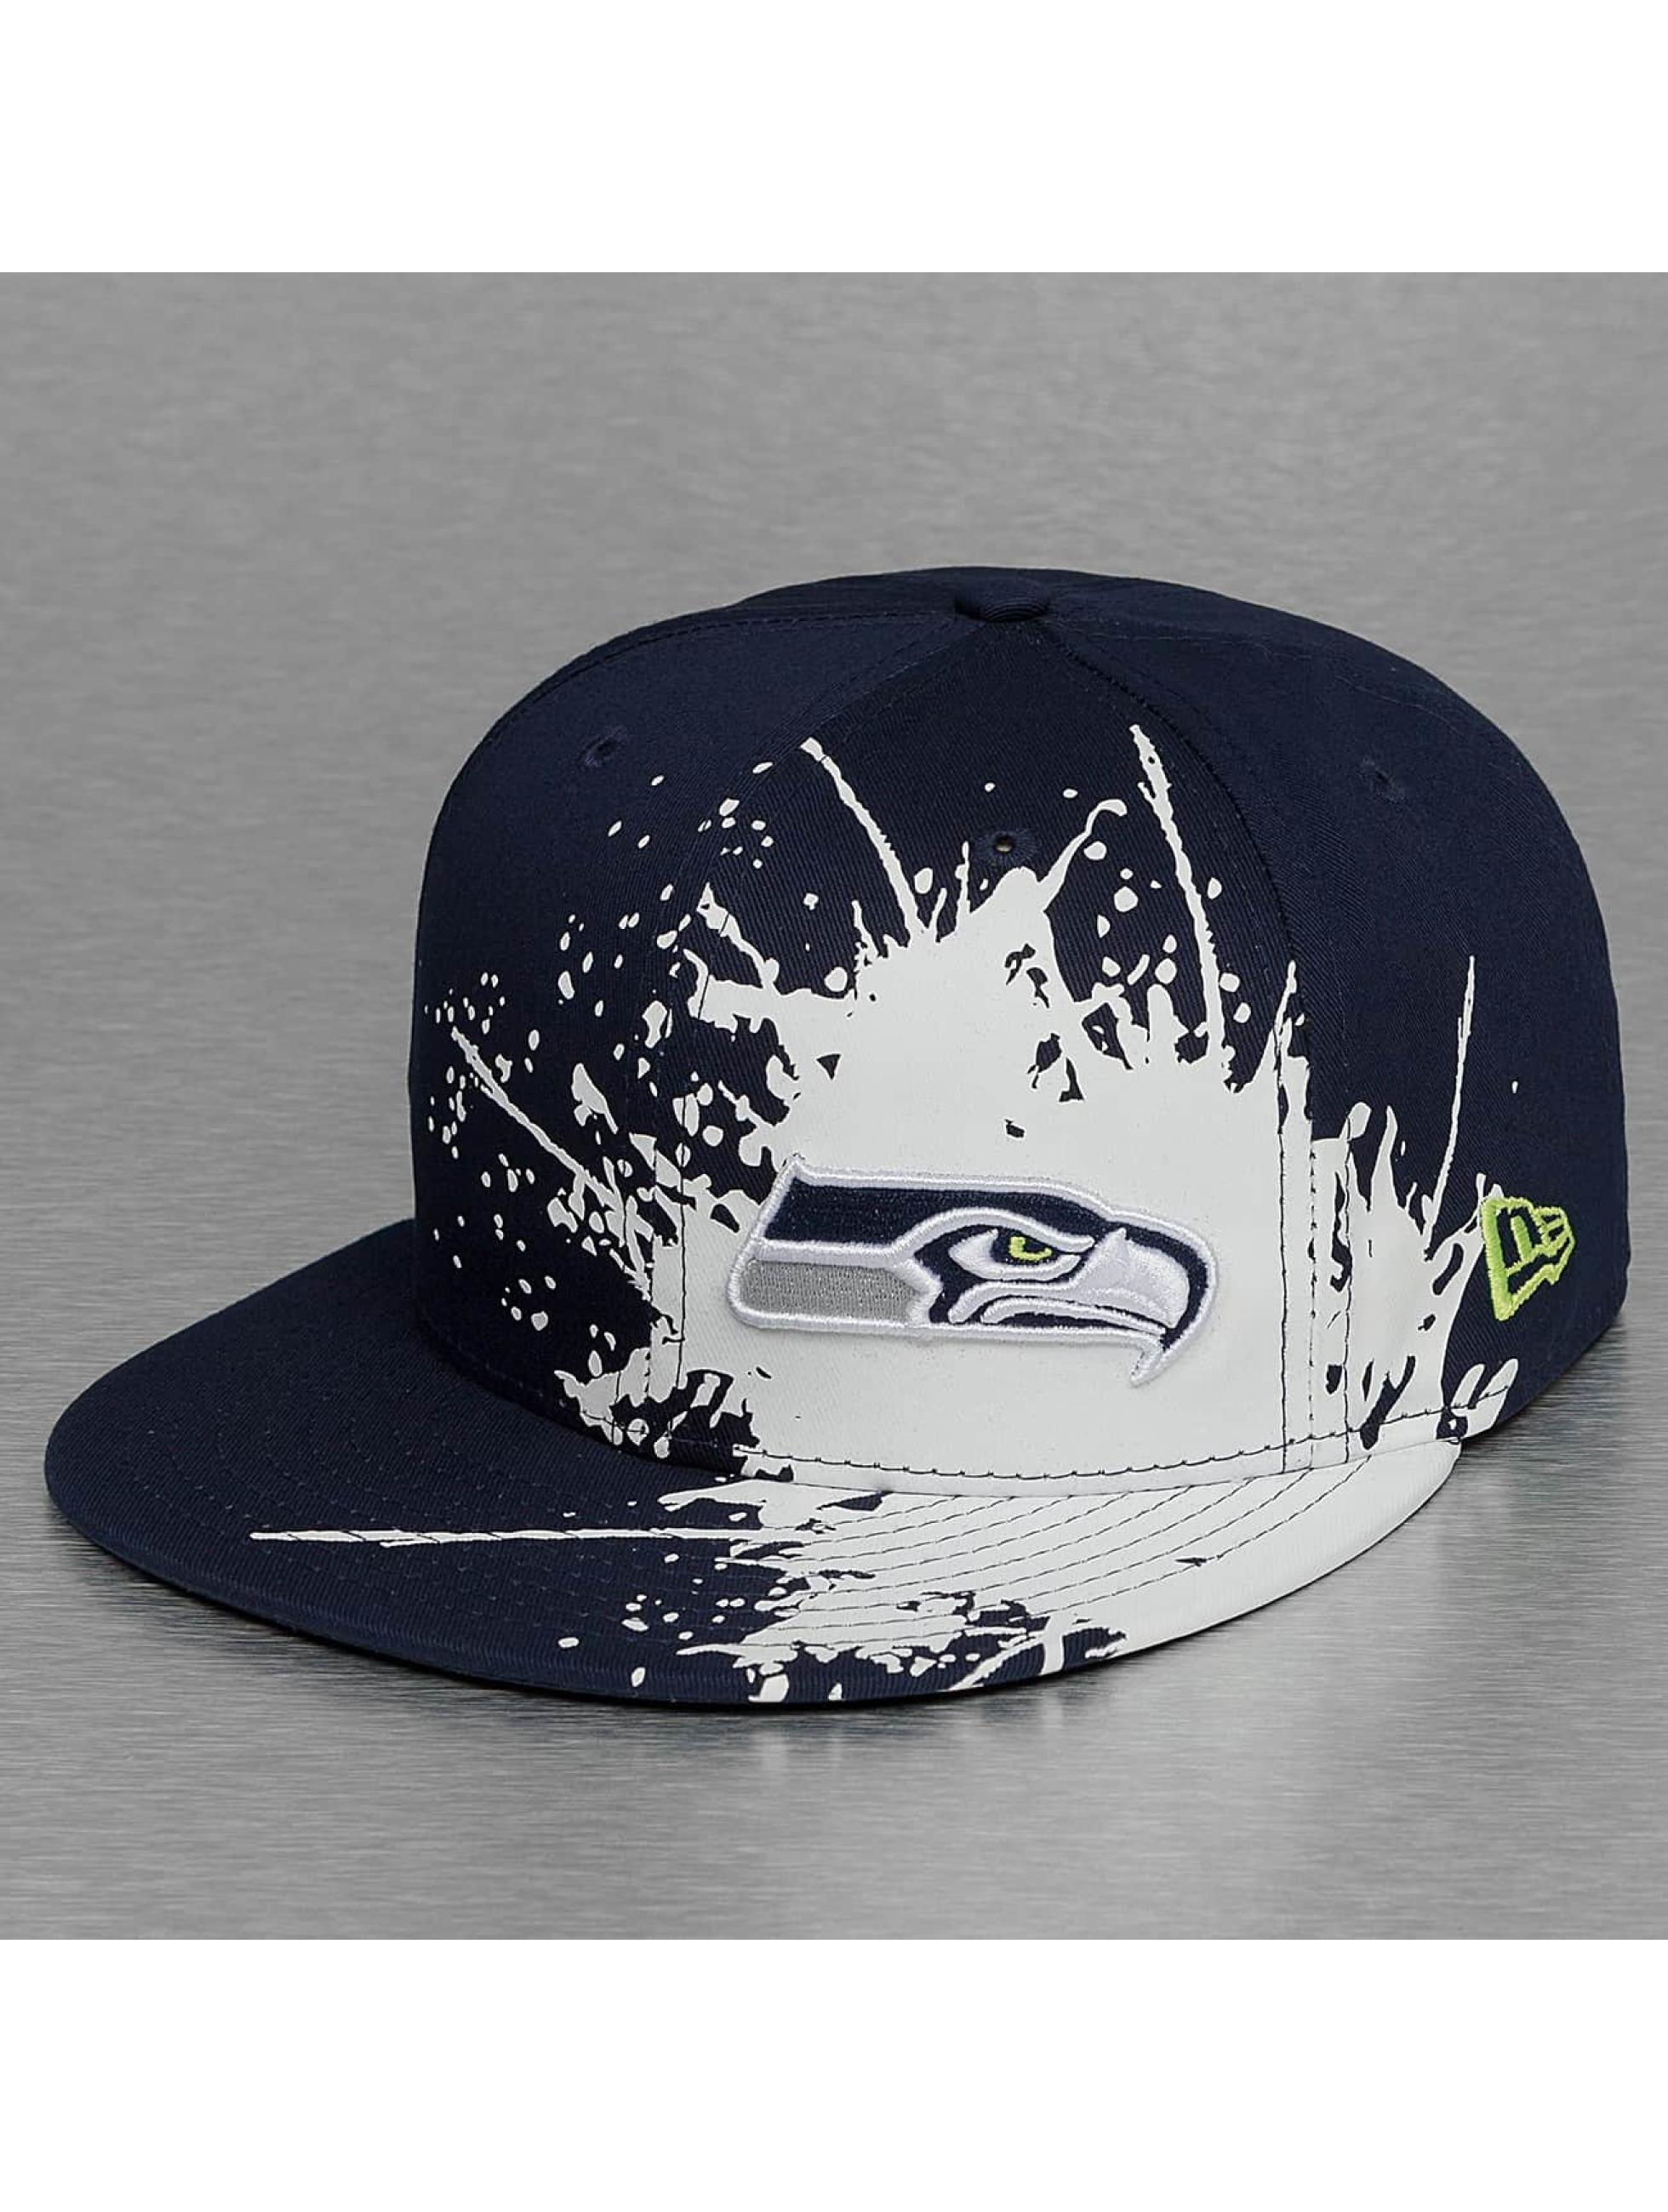 New Era Snapback Cap Splatways Seattle Seahawks 9Fifty blue